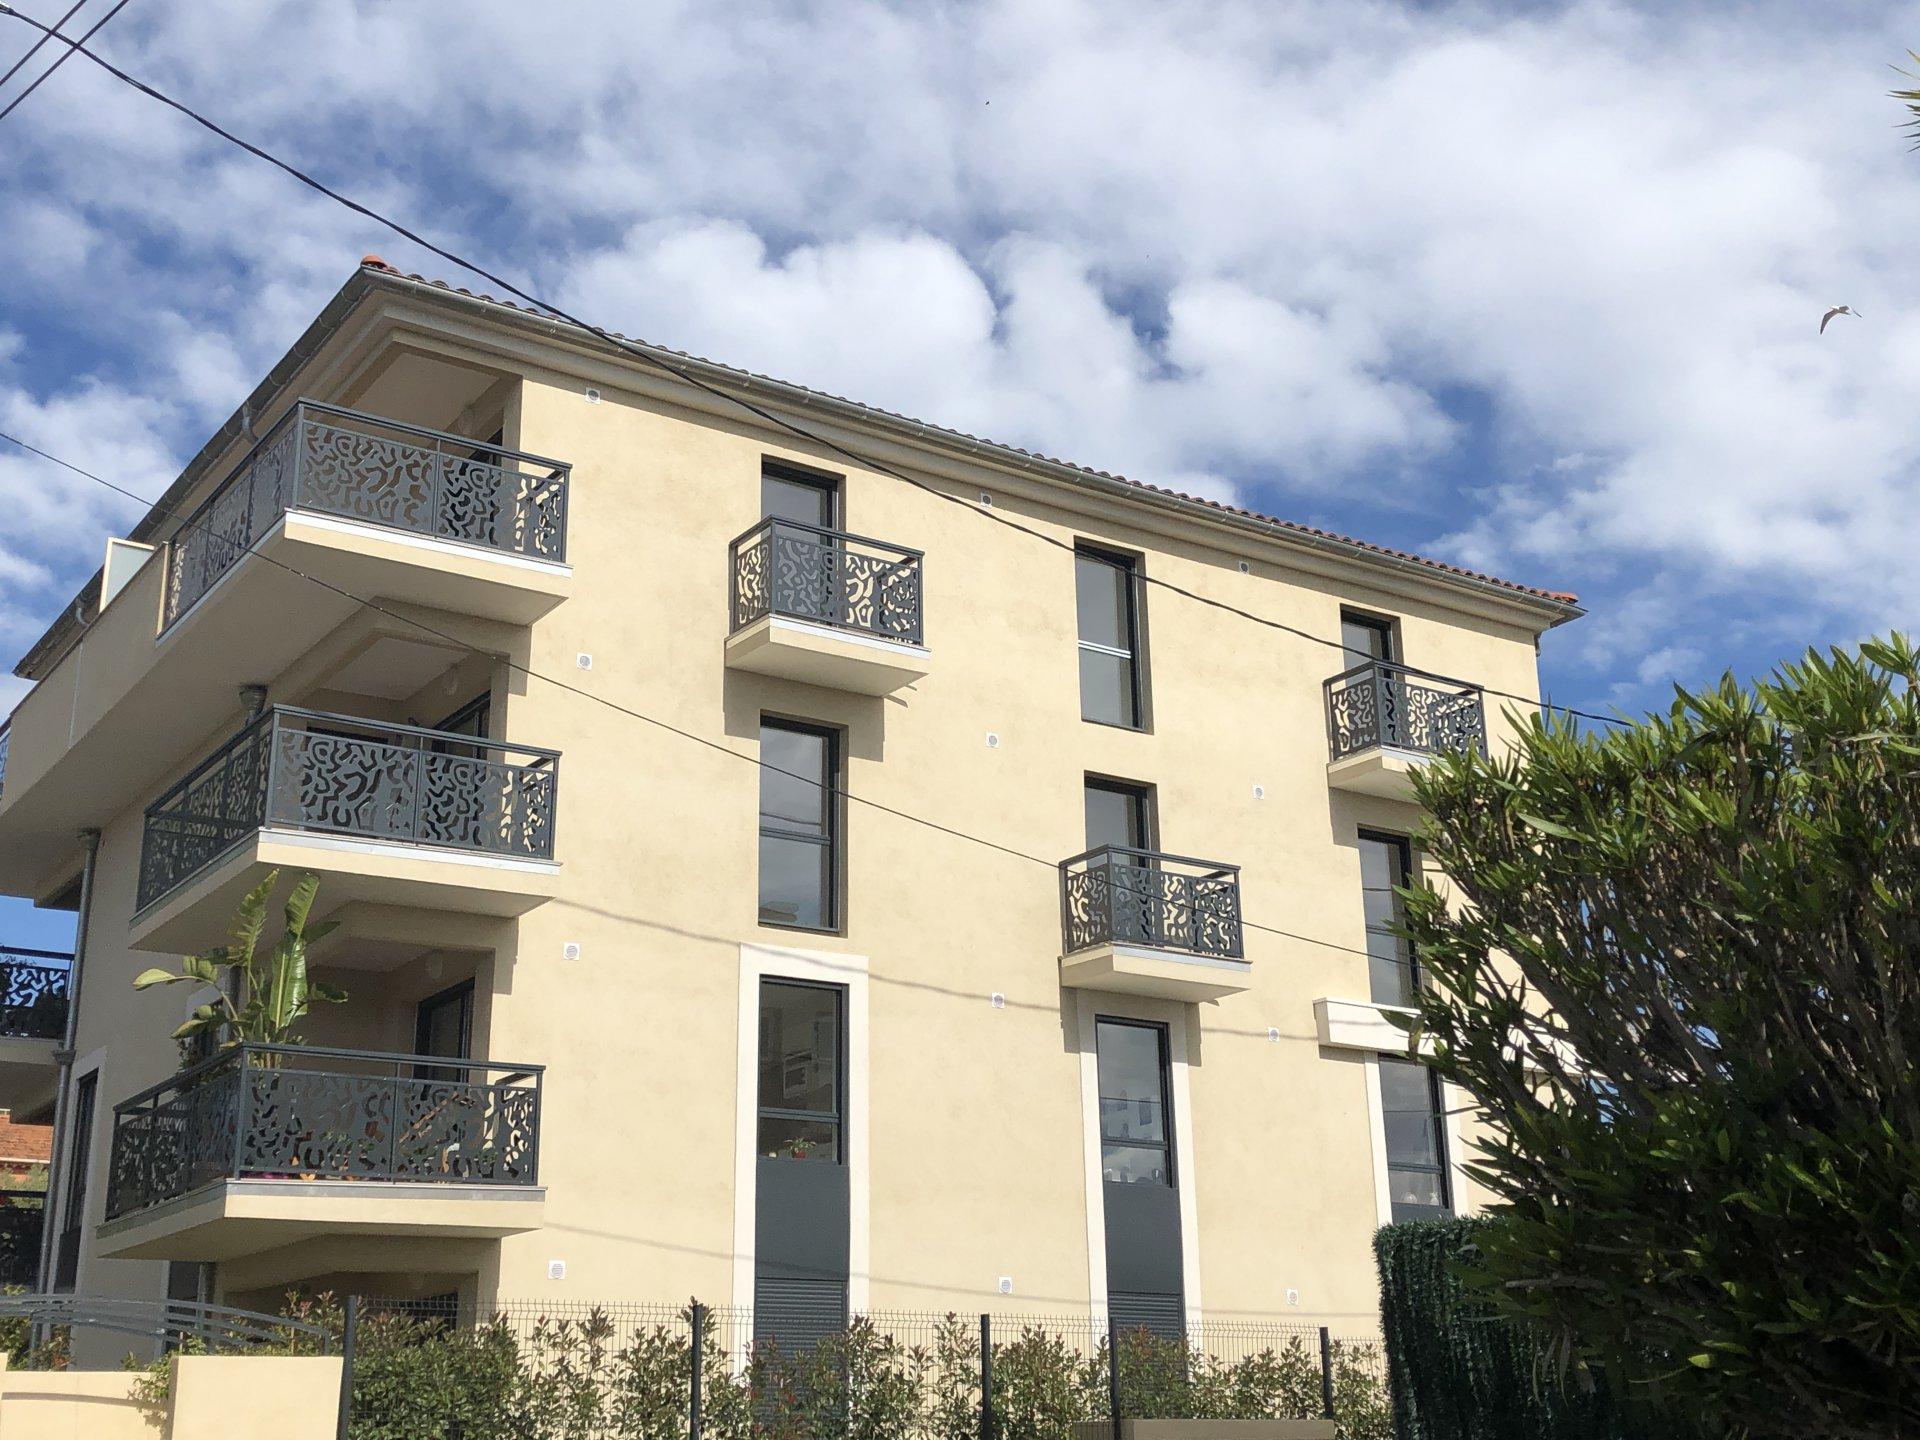 Cagnes sur Mer-Appartement-3 pièces-63m2 - Lautin